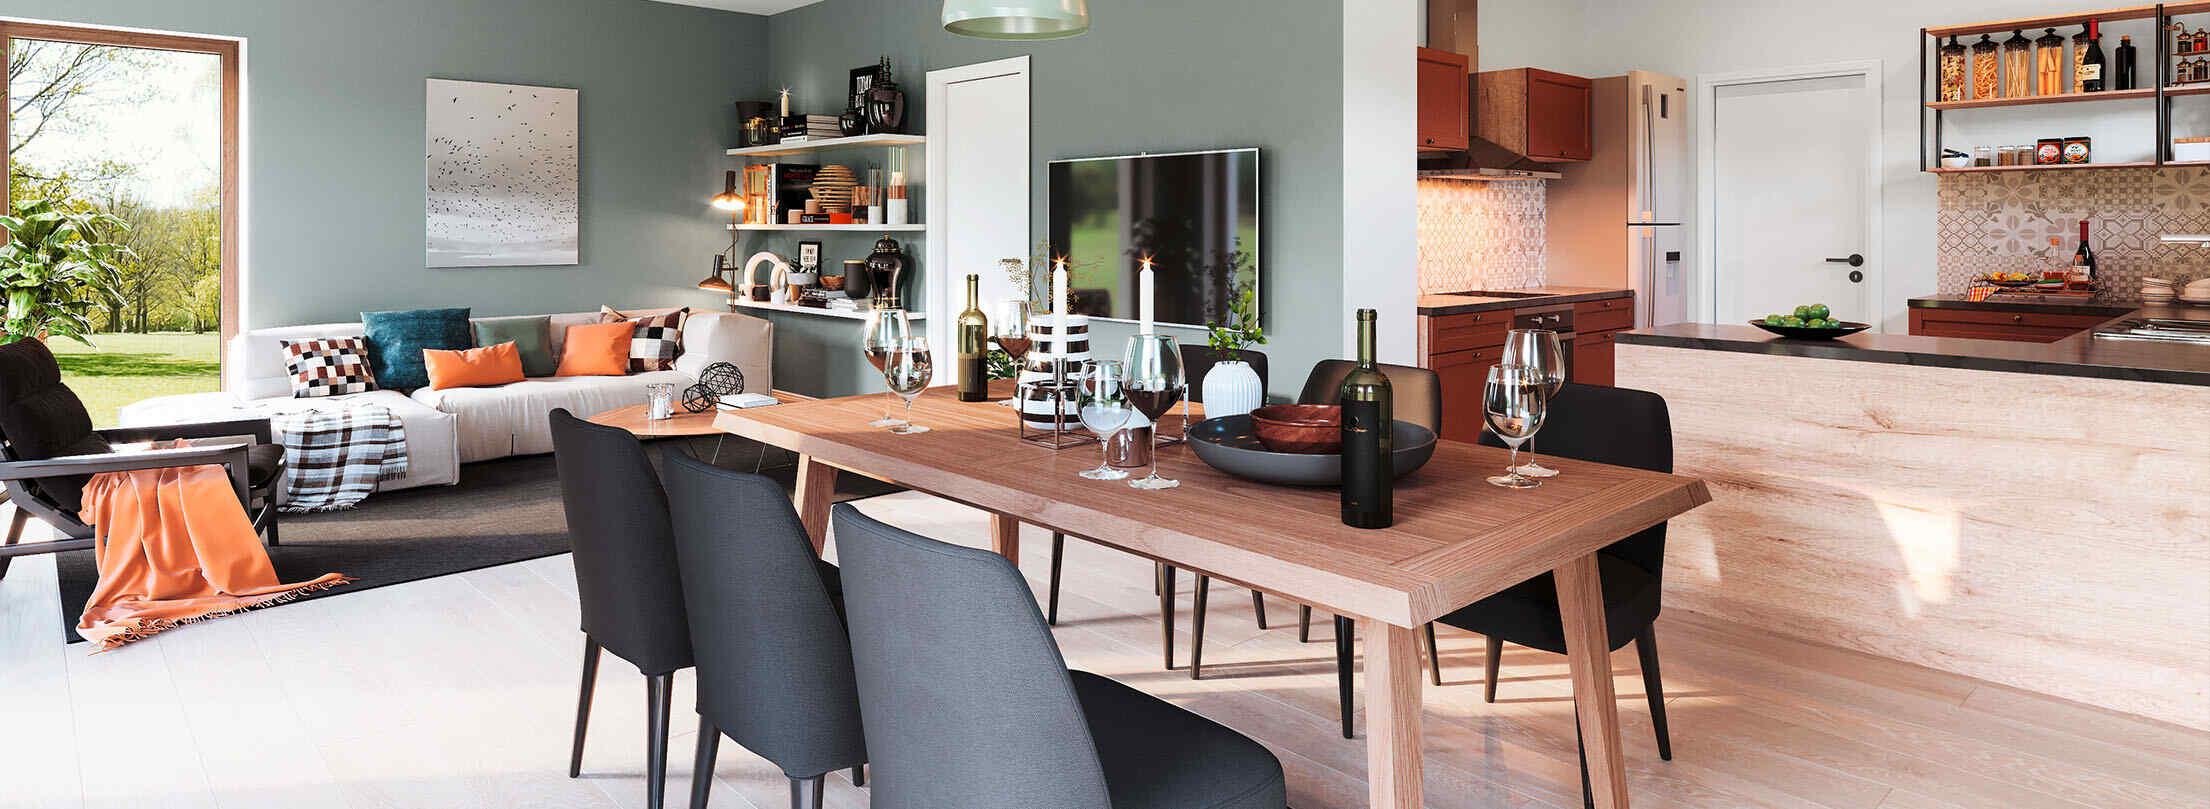 Legno Online Su Misura con vario haus puoi progettare la tua casa in legno